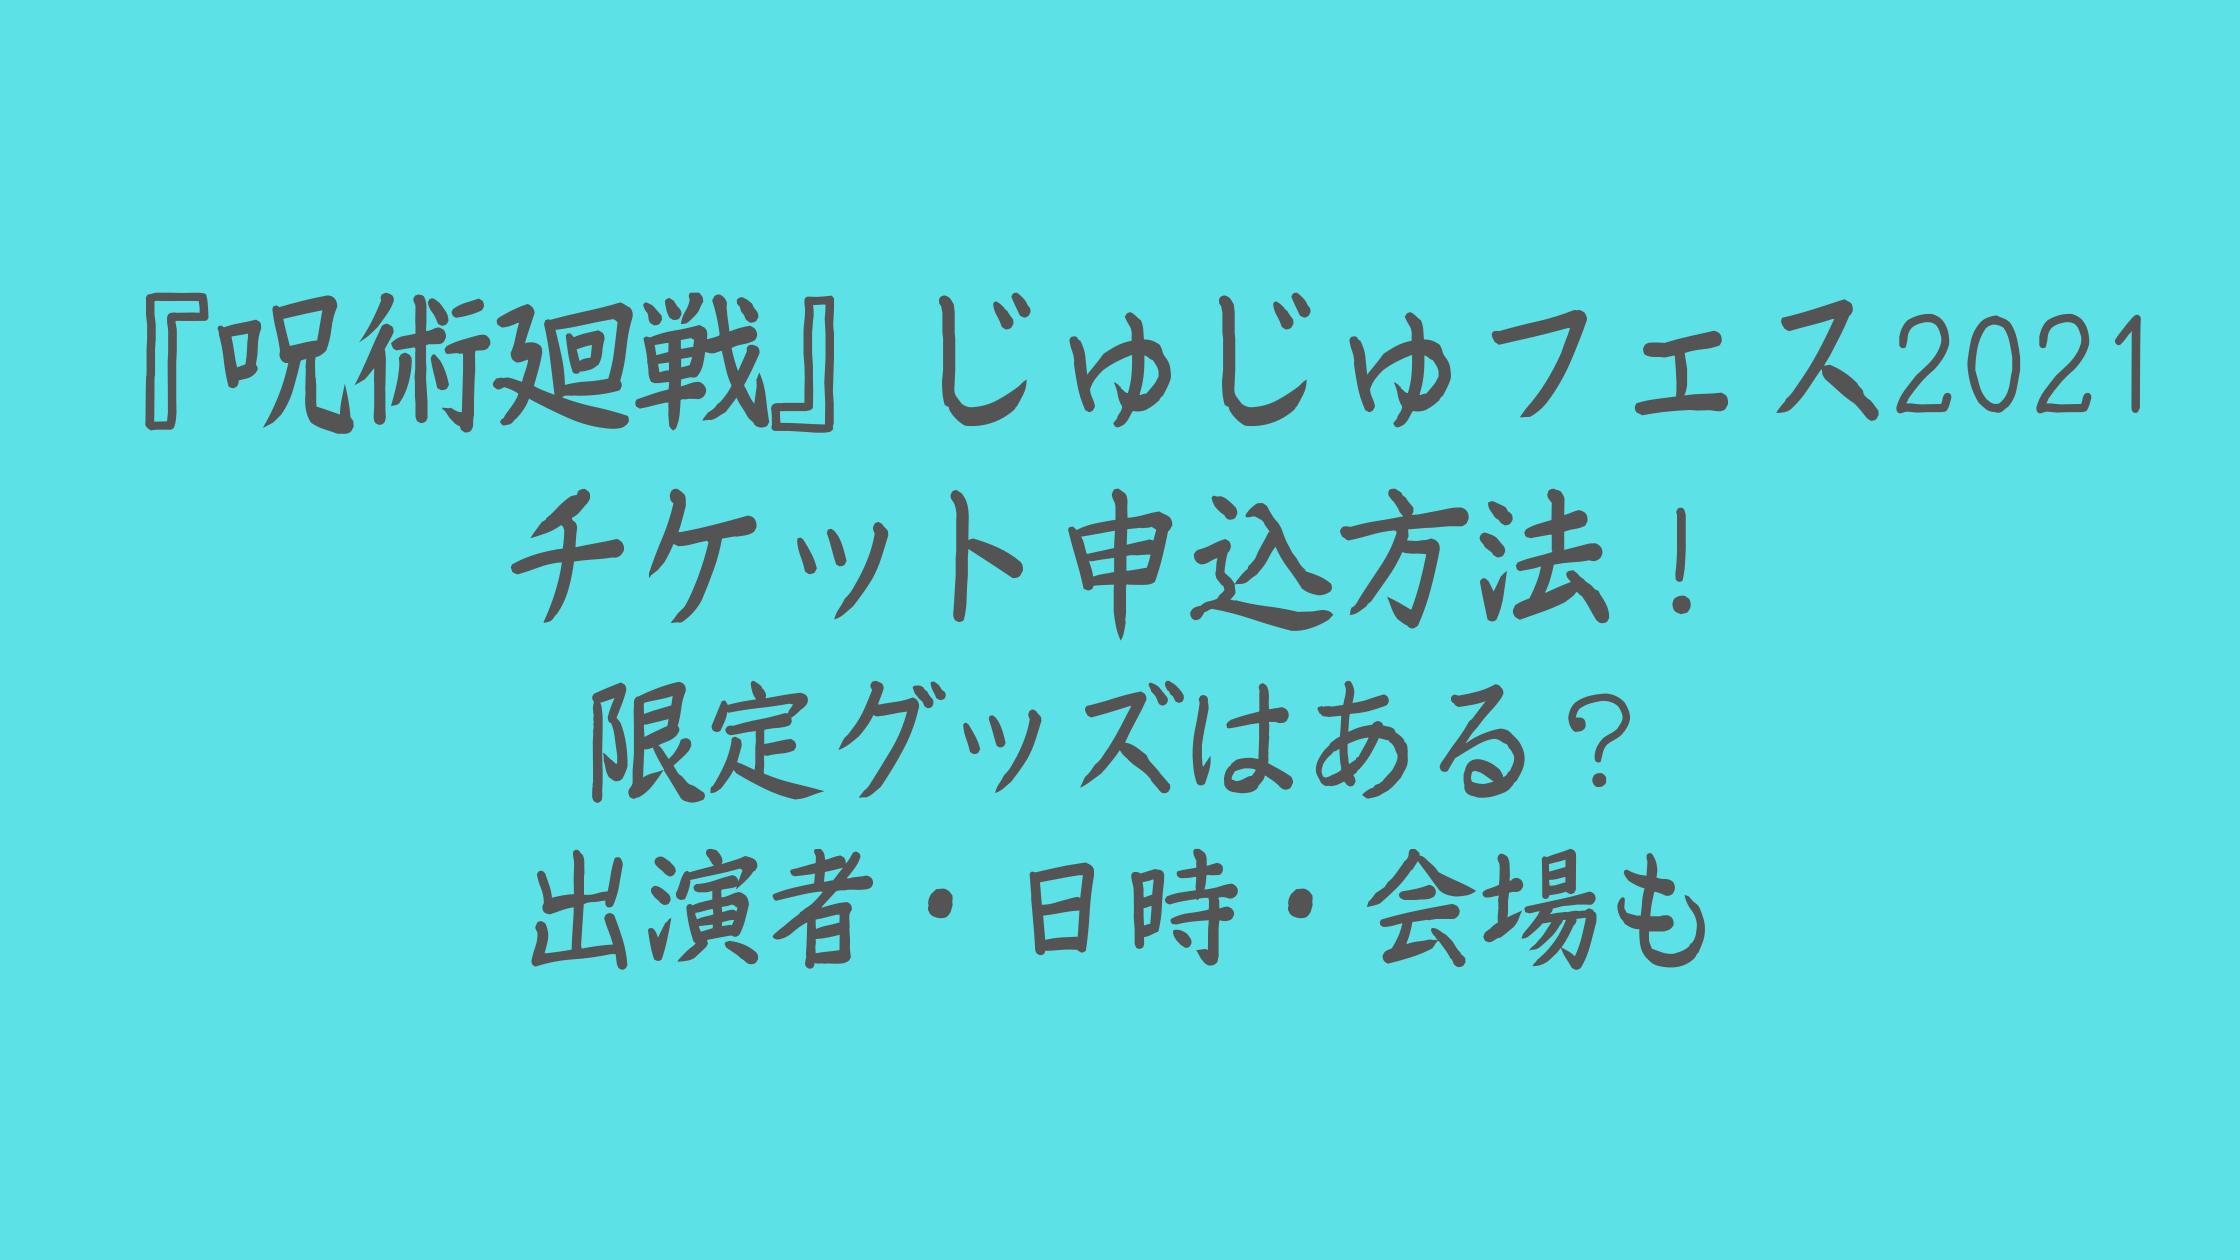 『呪術廻戦』じゅじゅフェス2021チケット申込方法!限定グッズはある?出演者・日時・会場も